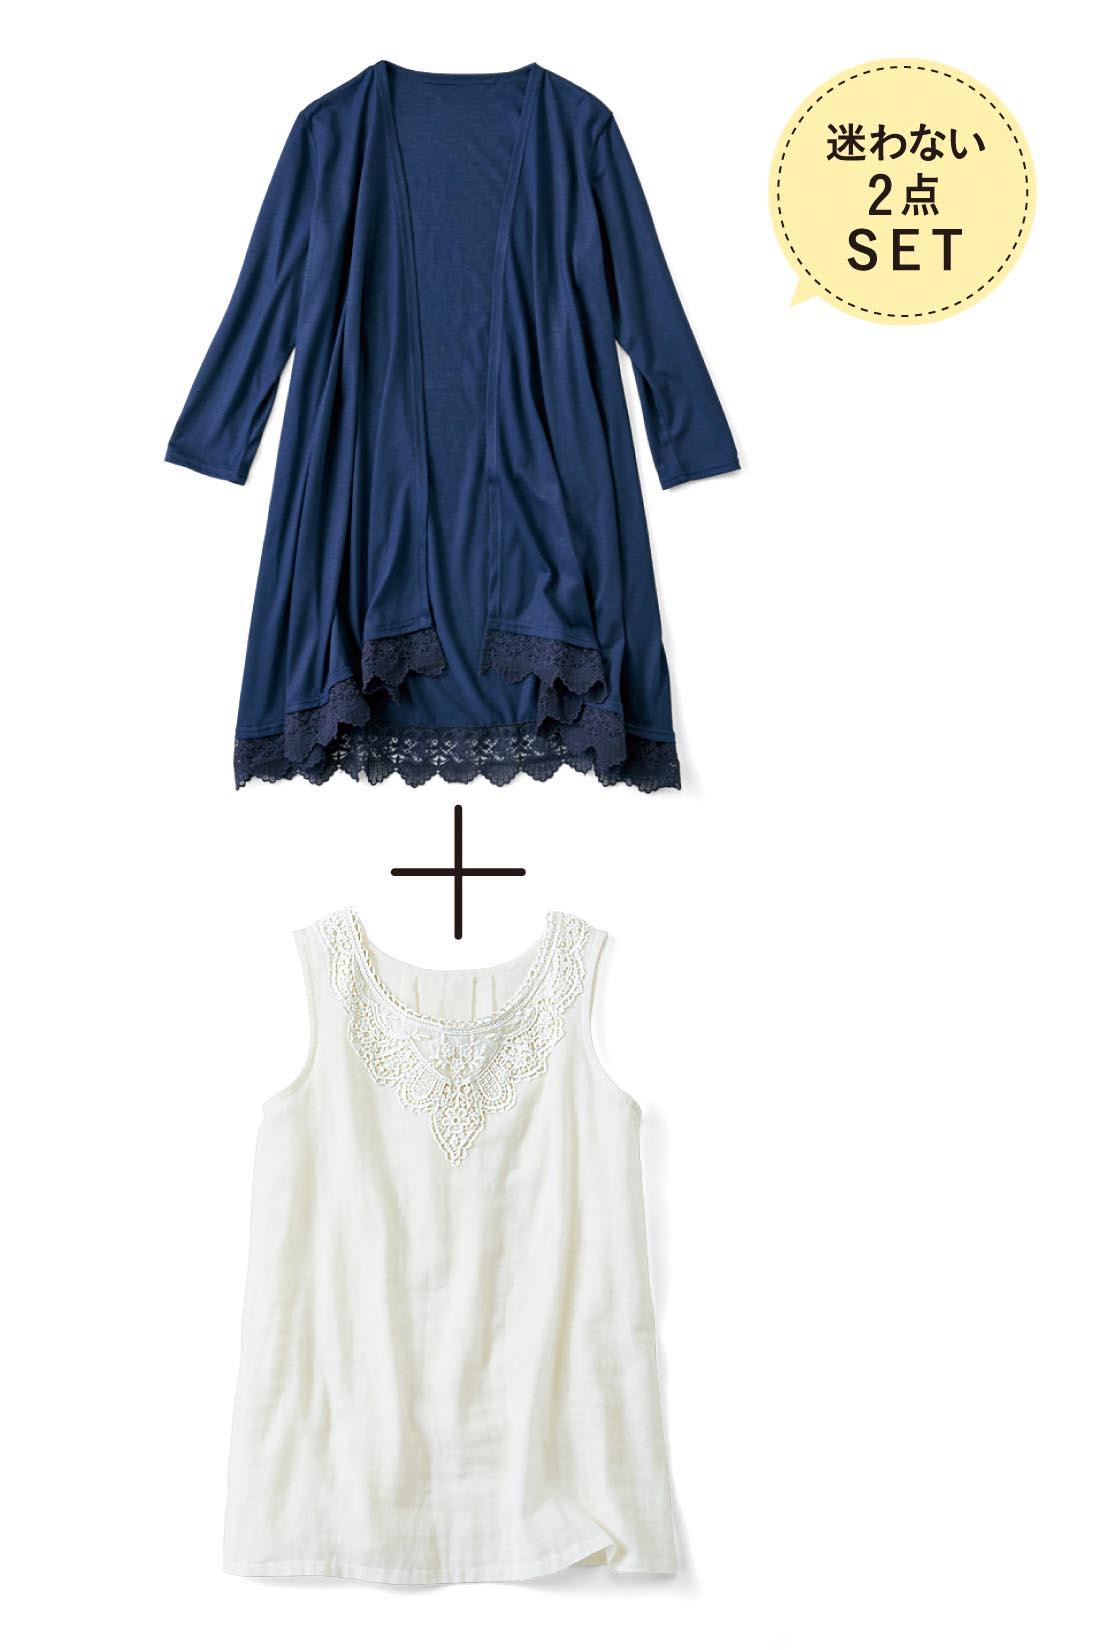 着るだけでナイスバランス! おなかや腰まわりをカバーしながら、夏らしい軽やかなバランスをつくる丈感を計算。単品でも着まわしOK。